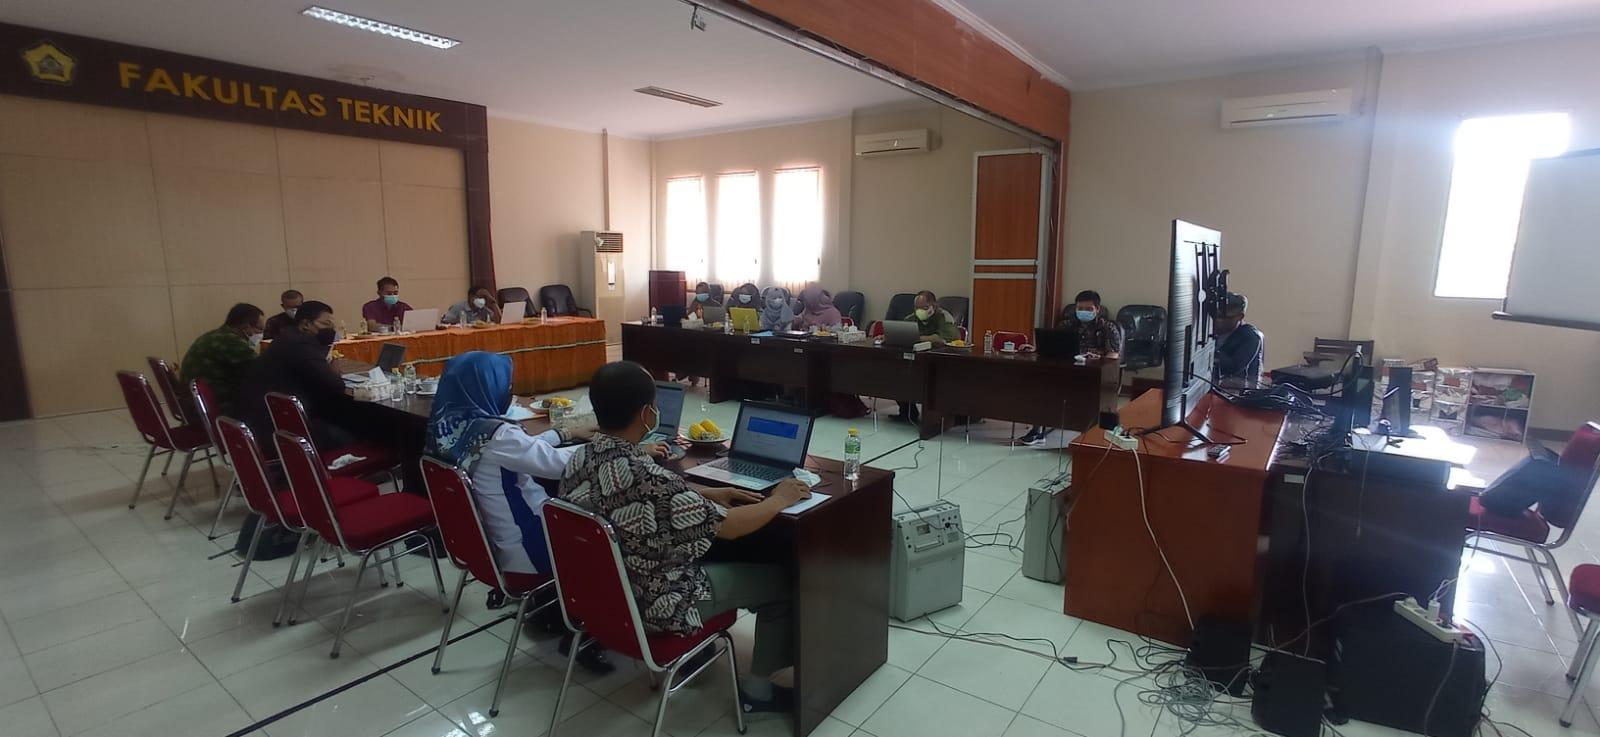 Rapat Tinjauan Manajemen Fakultas Teknik UNIB Tahun 2021